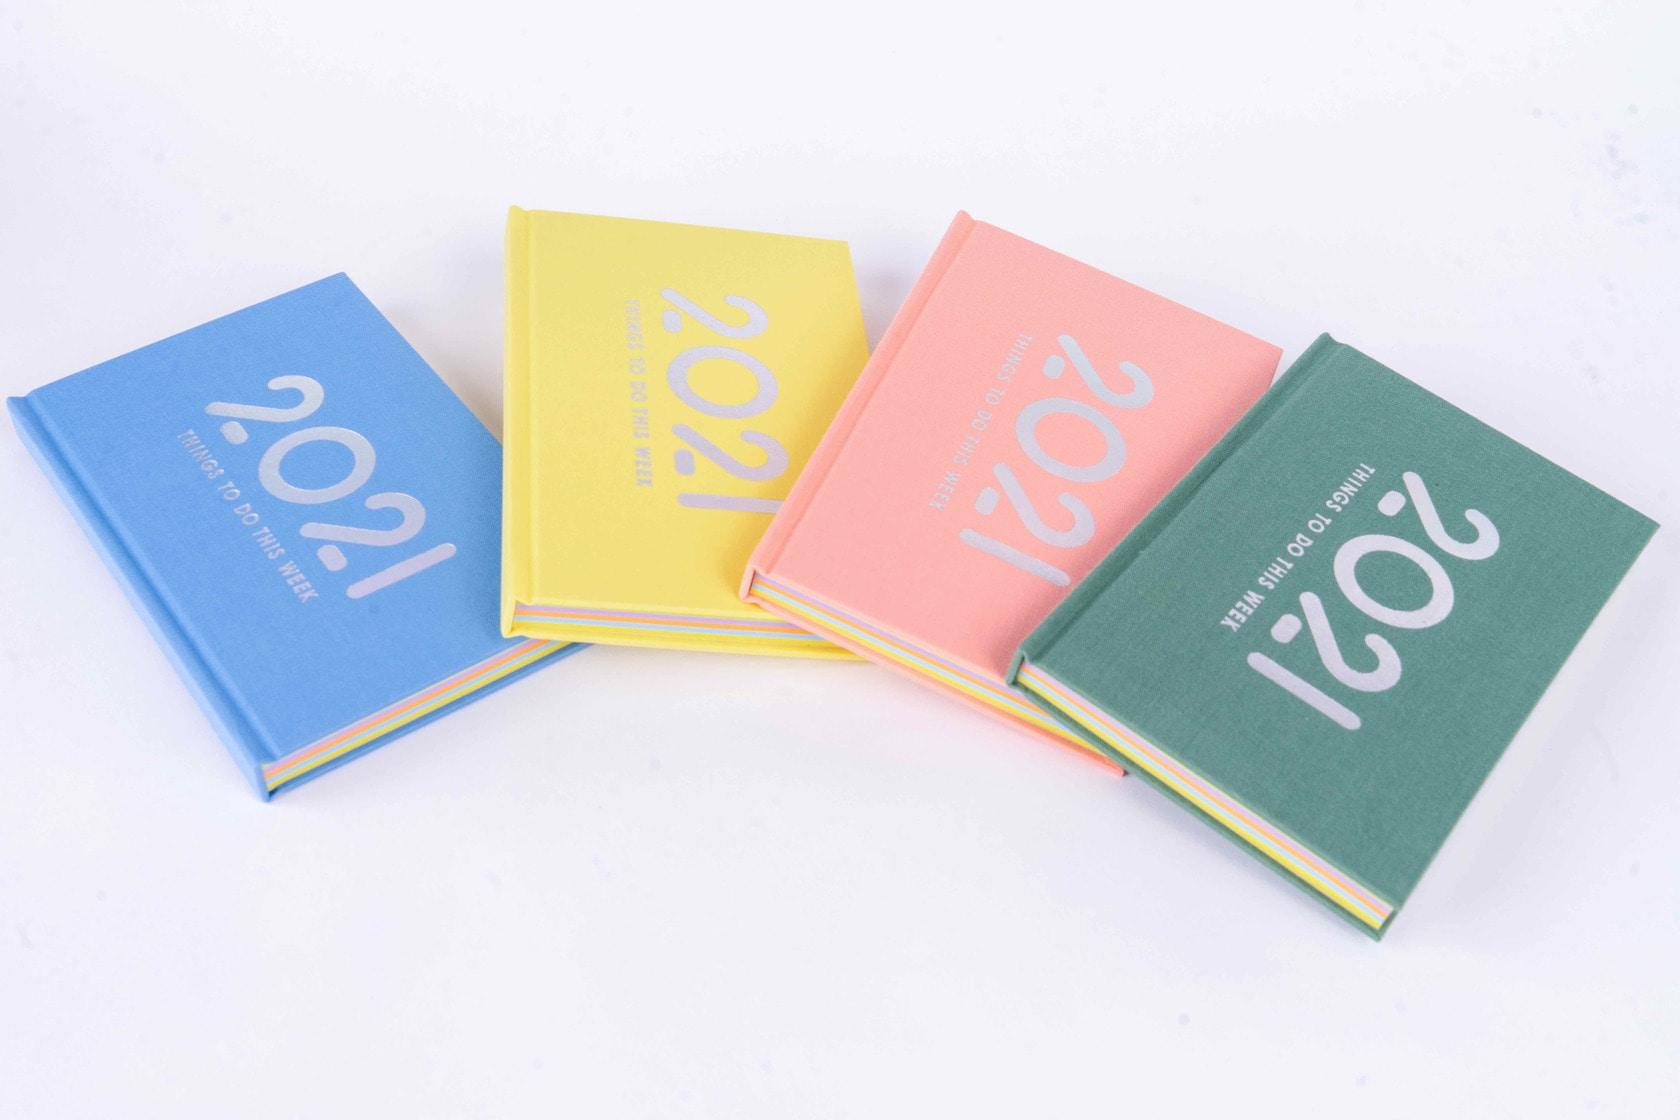 石田製本の「booco 2021 diary 」4種類,カラフルな布貼りの日記帳